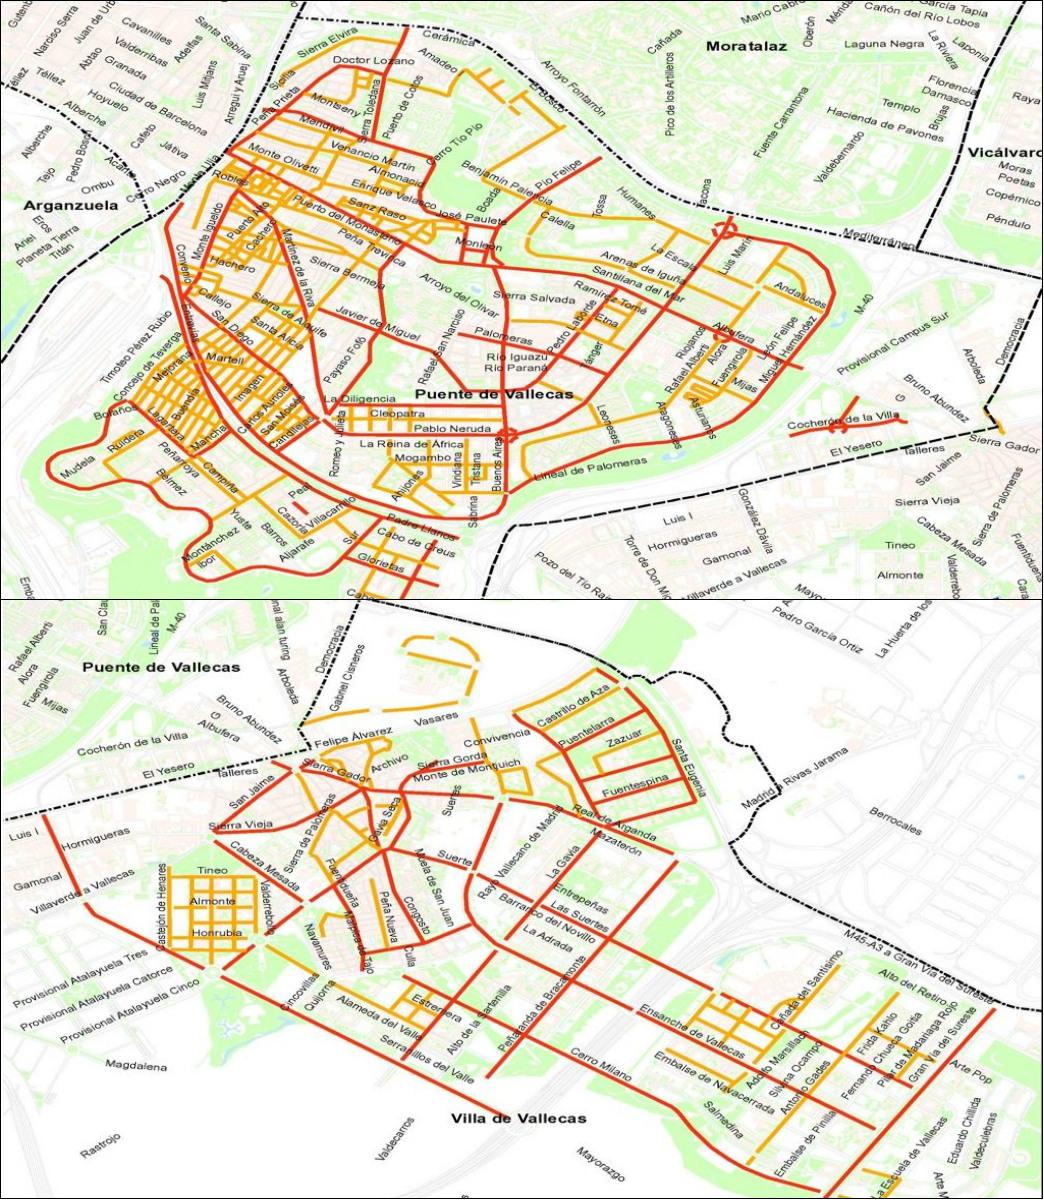 Nueva clasificación de calles en Puente y Villa de Vallecas (Foto: JMD)